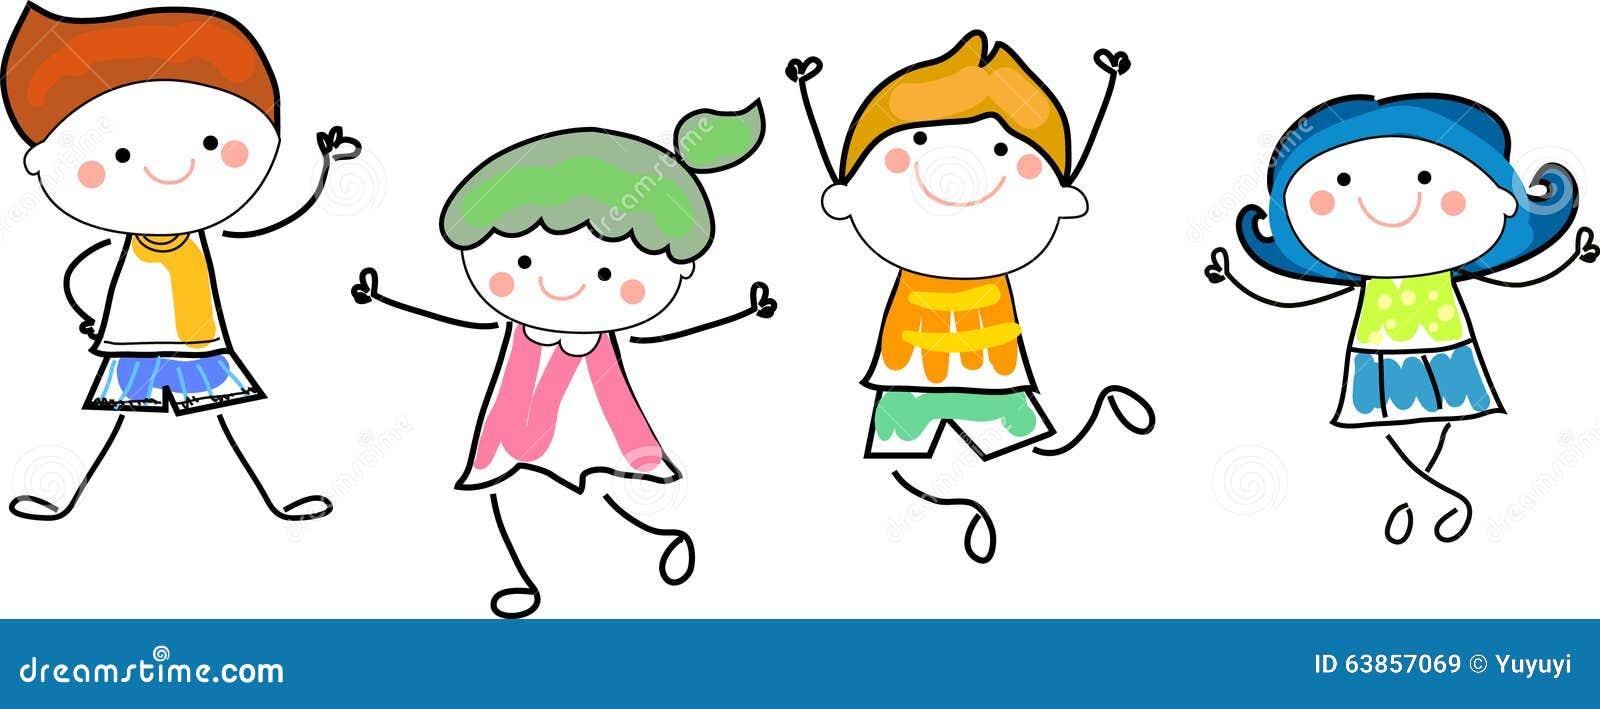 Groupe d 39 enfants croquis de dessin illustration de vecteur illustration du amusement ch ri - Dessin groupe d enfants ...